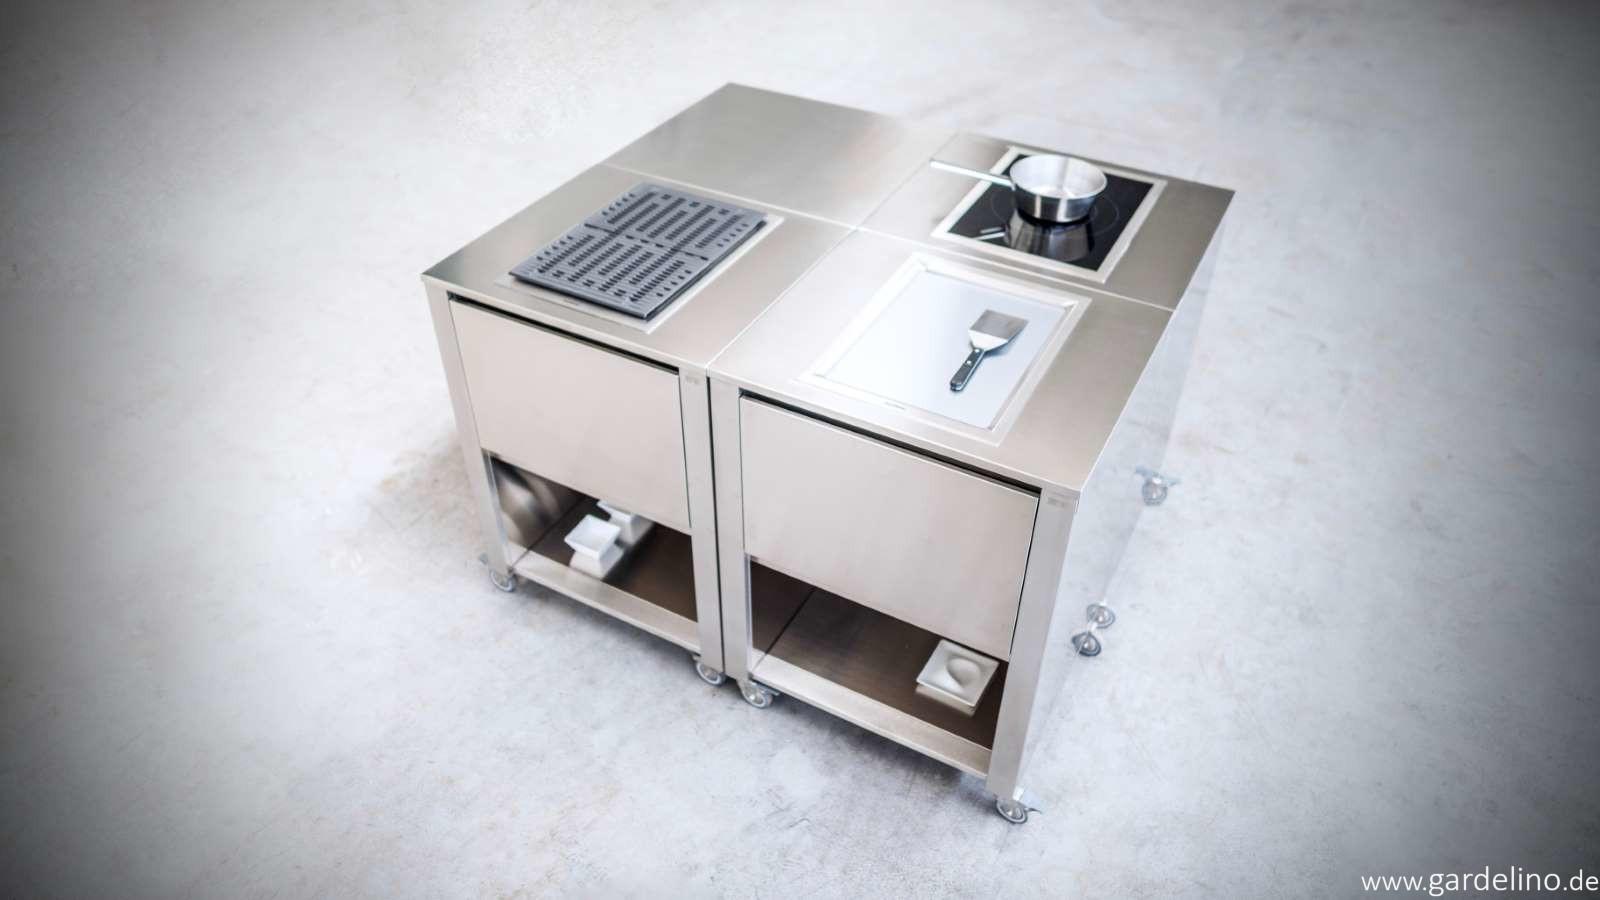 Outdoorküche Edelstahl Vergleich : Mobile outdoorküche cun von jokodomus system outdoorküche